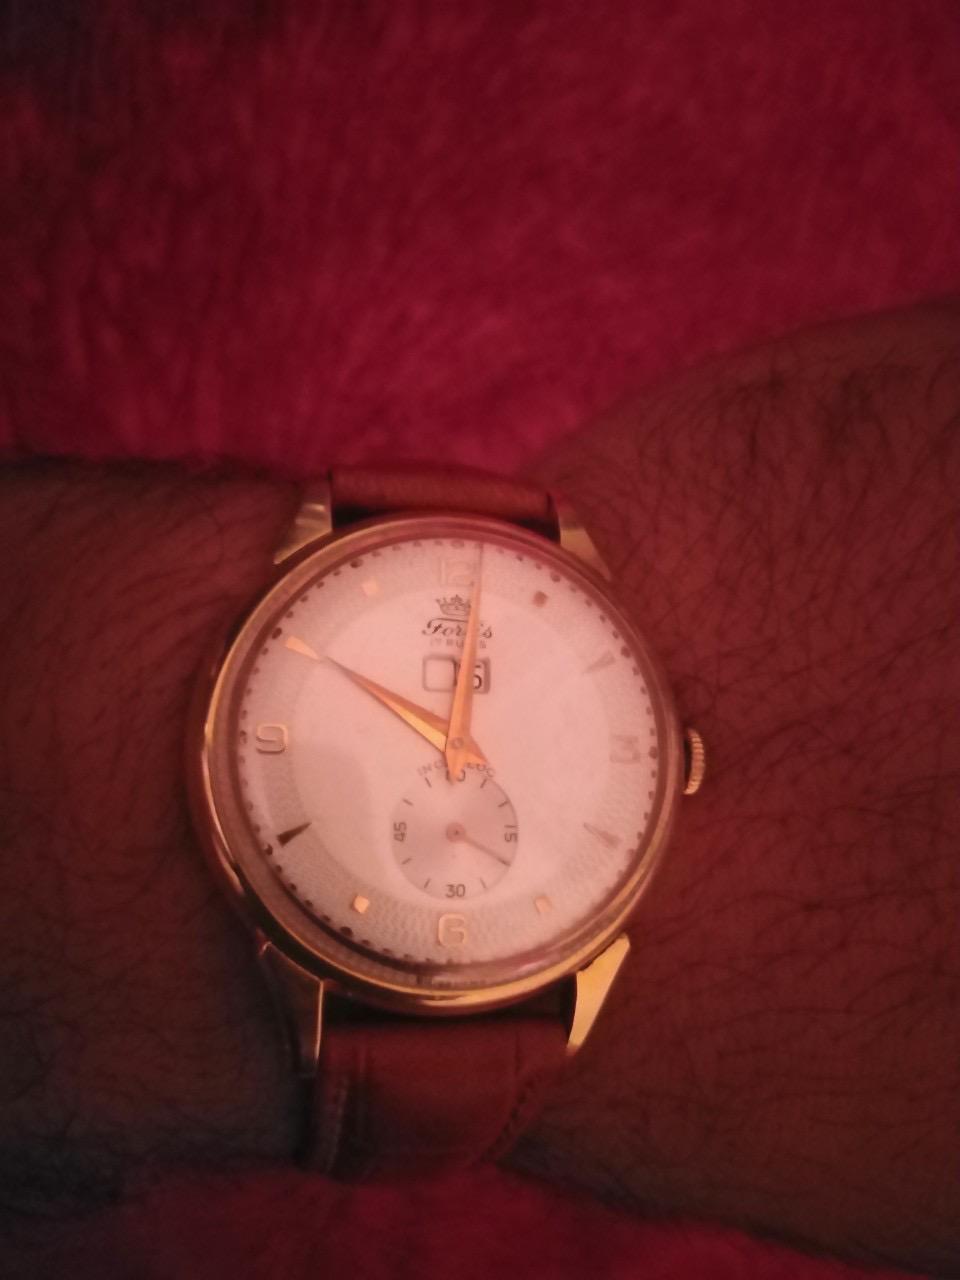 ZENITH -  [Postez ICI les demandes d'IDENTIFICATION et RENSEIGNEMENTS de vos montres] - Page 28 8a2fca10